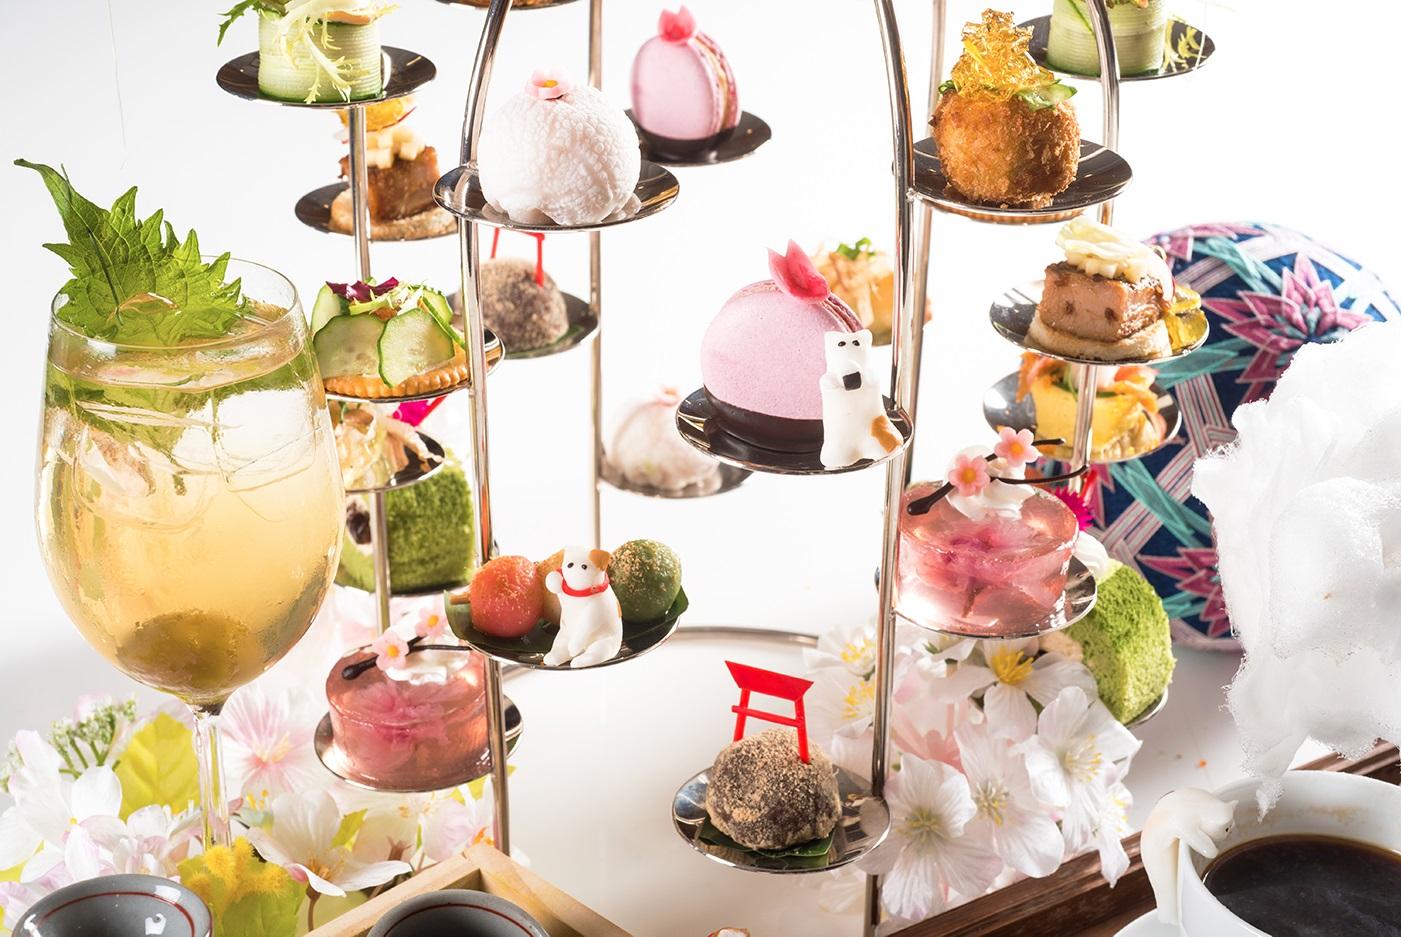 突破下午茶全都是甜食的刻板印象,台北六福萬怡酒店這次特別推出「櫻」式下午茶,包含6款創意鹹點及6款日本萌系甜點,不只是少女們,連愛吃鹹食的硬漢也...